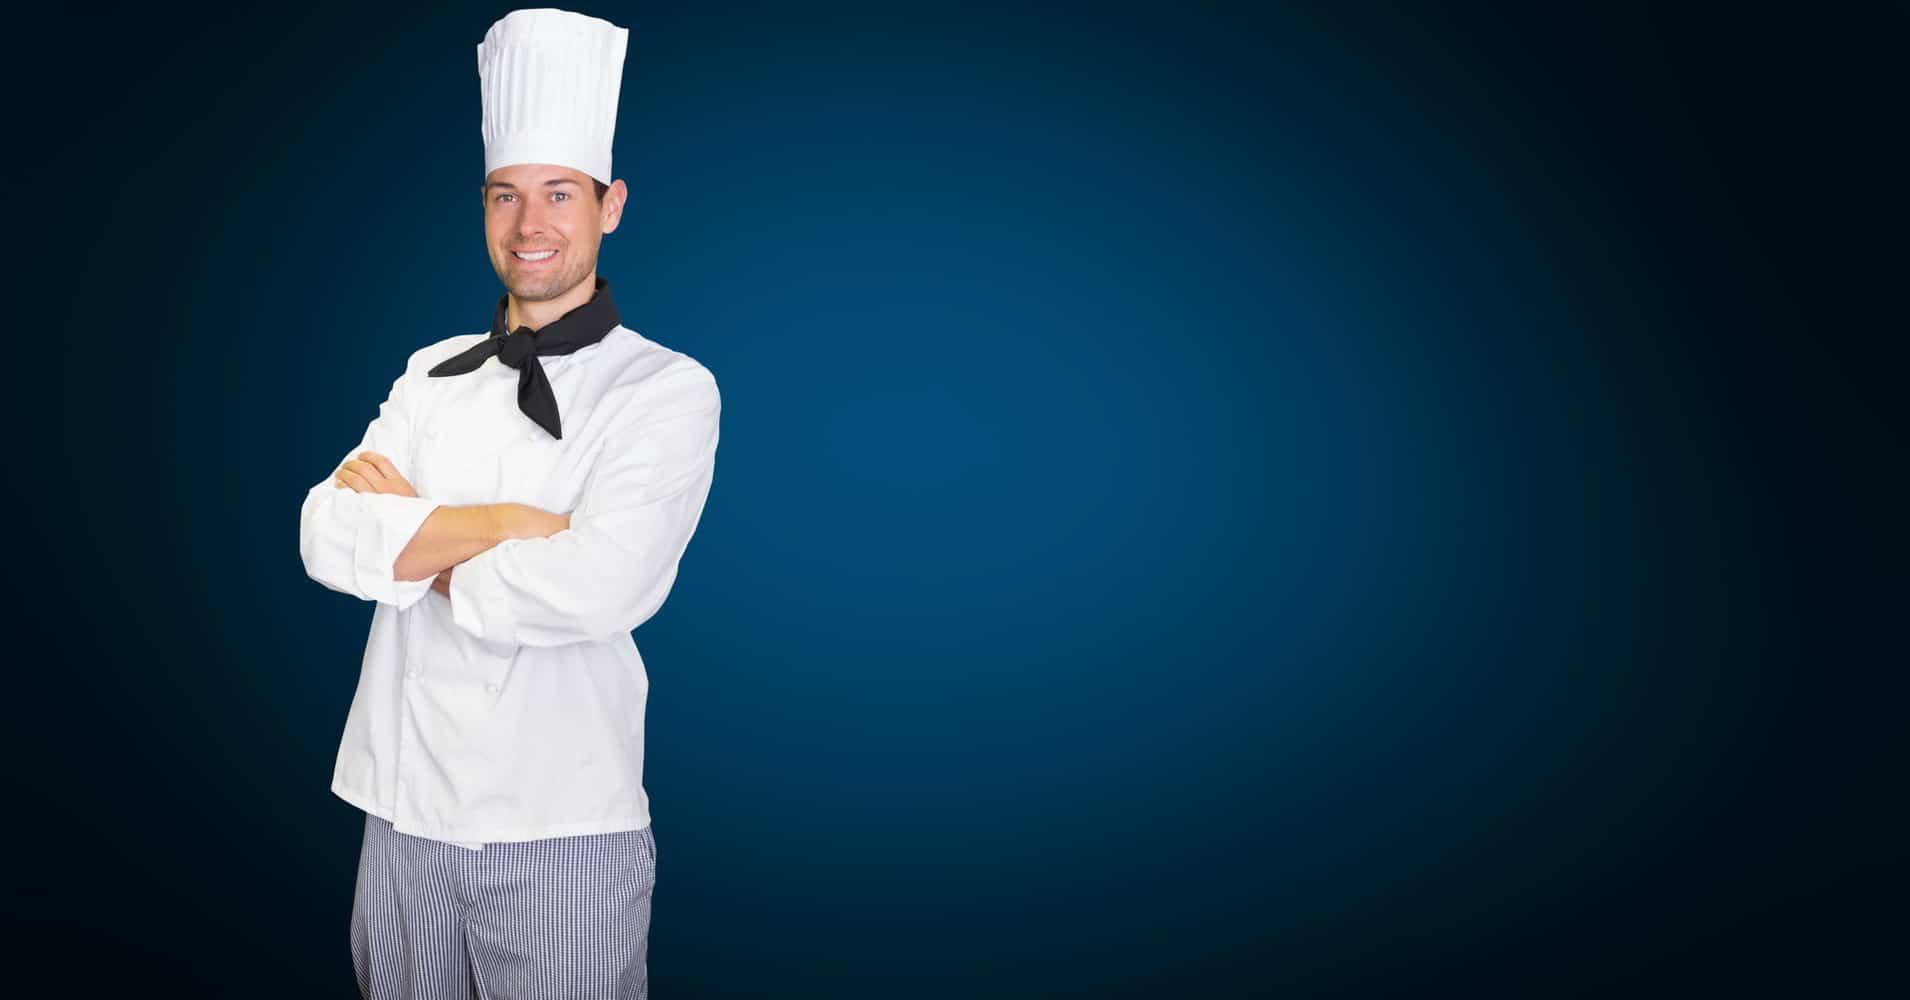 Ha szívesen állítanál össze étlapot, időszakos ajánlatokat, akkor válaszd a Szakács OKJ-s tanfolyamot!